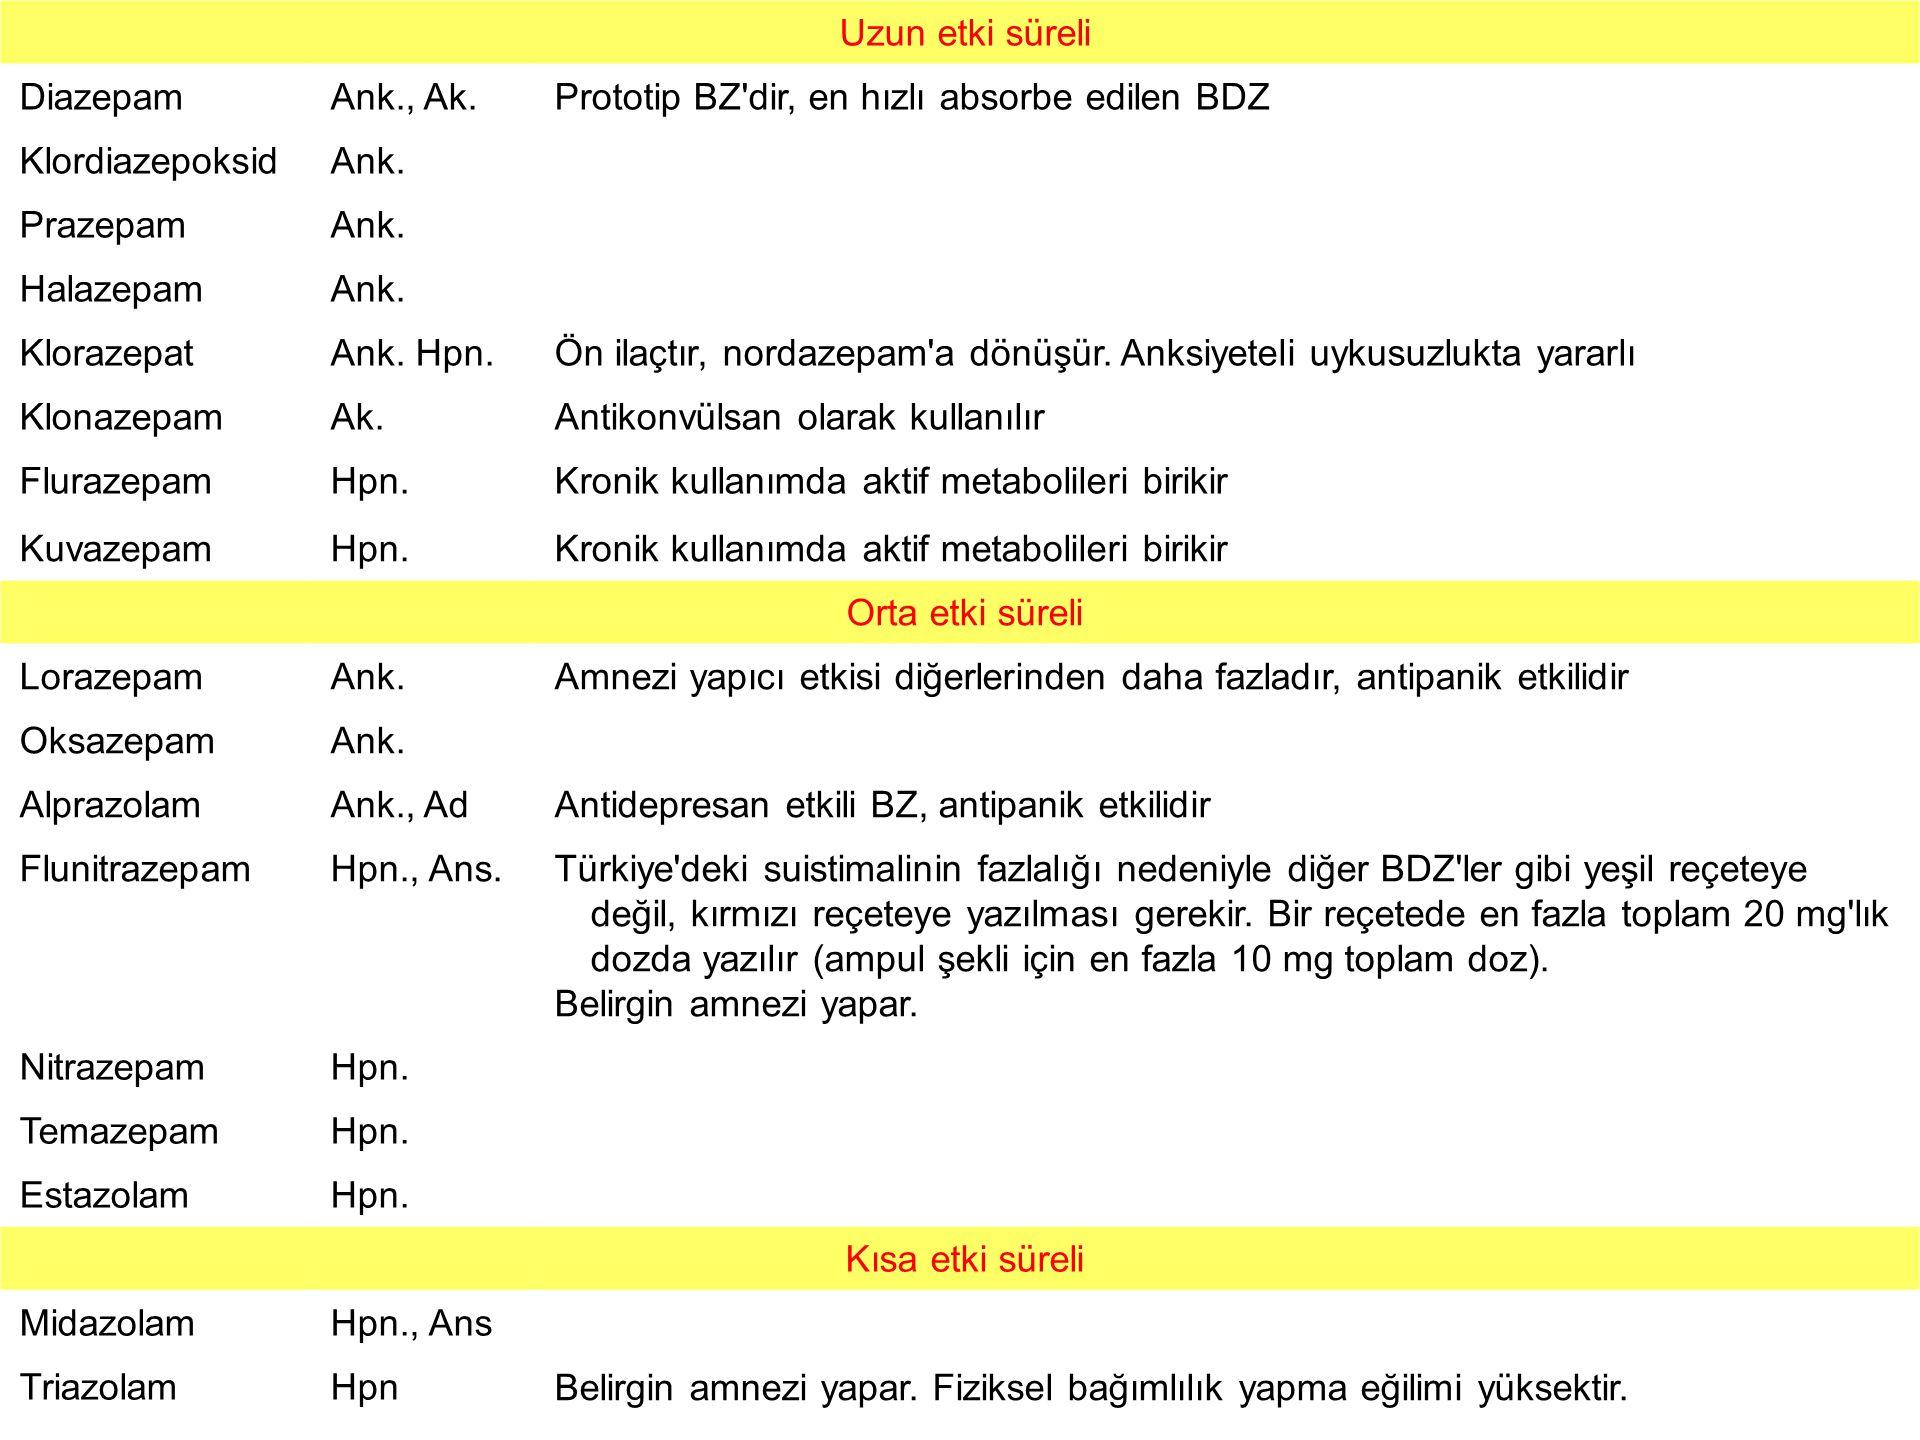 Dopaminerjik etkinliği artıran ilaçlar –Dopamin prekürsörü Levodopa –Dopaminerjik agonistler Bromokriptin Lisurid Pergolid Ropinirol Pramipeksol –MAO-B inhibitörü Selegilin Rasagilin –KOMT inhibitörü Tolkapon Entakapon –Amantadin Santral etkili antikolinerjik ilaçlar Biperiden Biperiden Bornaprin HCl Bornaprin HCl Triheksifenidil Triheksifenidil Benztropin mezilat Benztropin mezilat Orfenadrin Orfenadrin Prosiklidin Prosiklidin